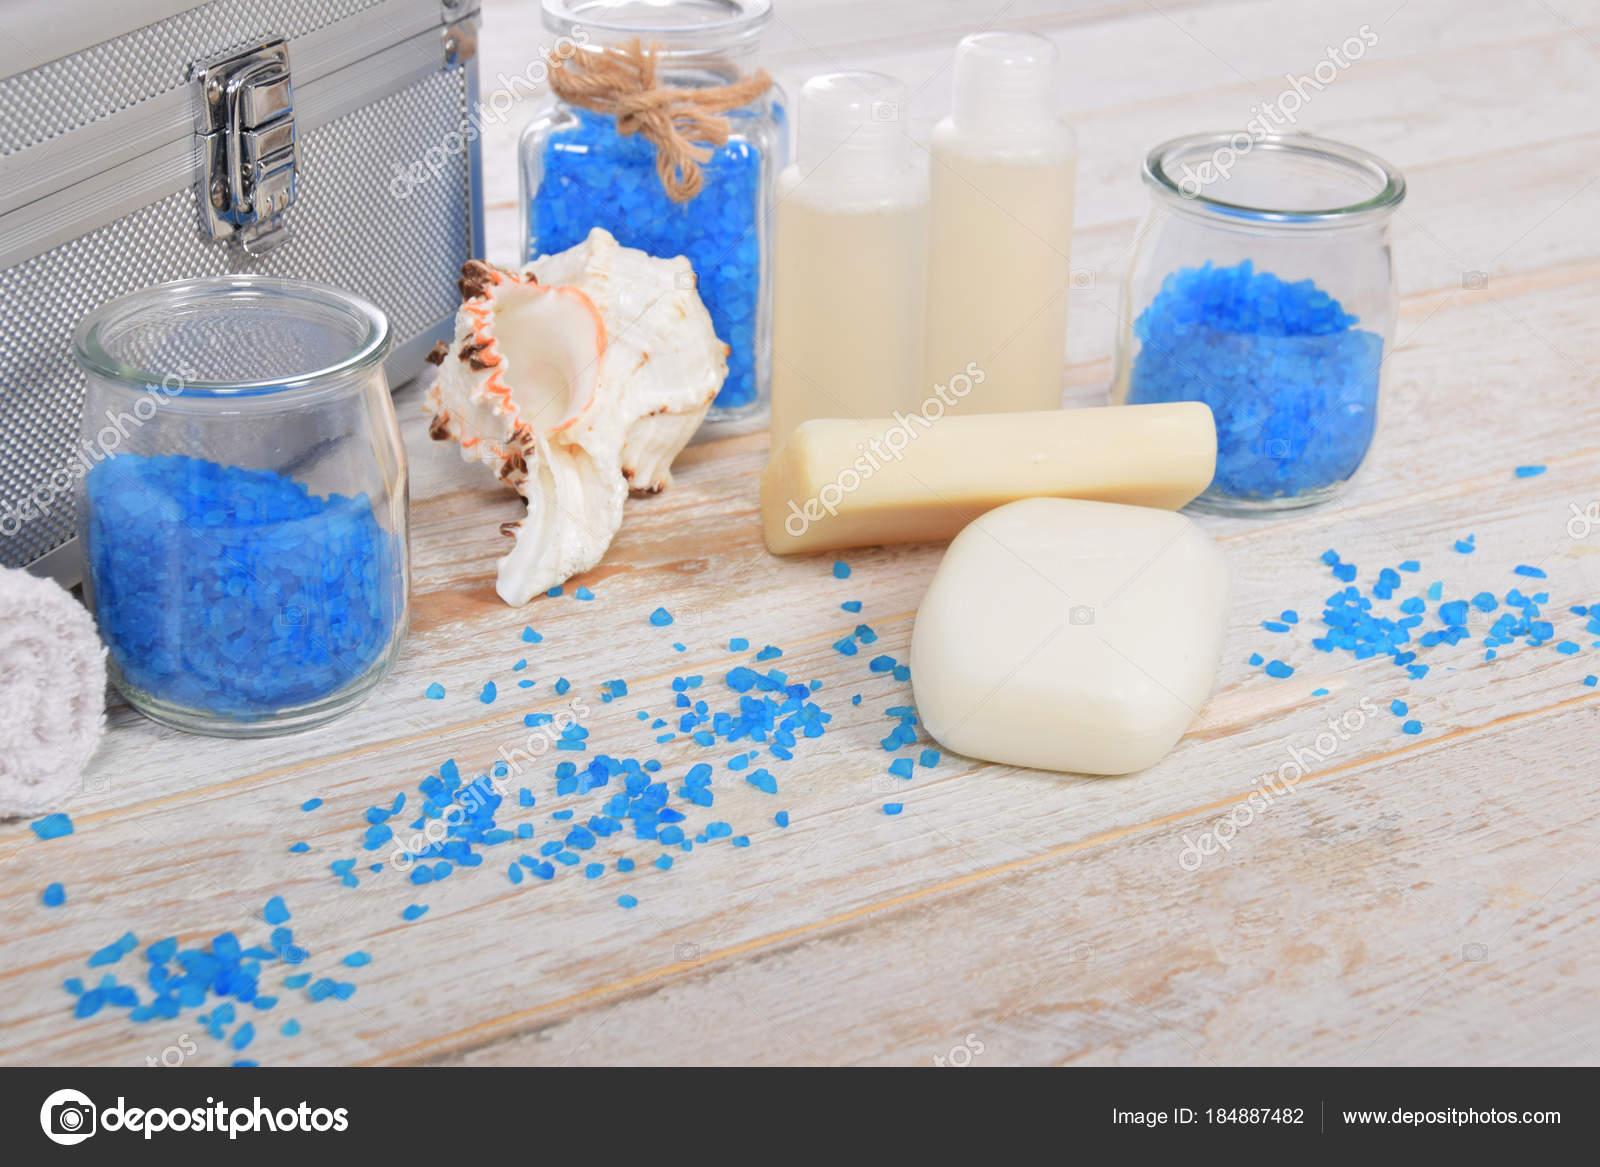 Rinfrescante bagno di sale sale con h mini mini shampoo e sapone ...